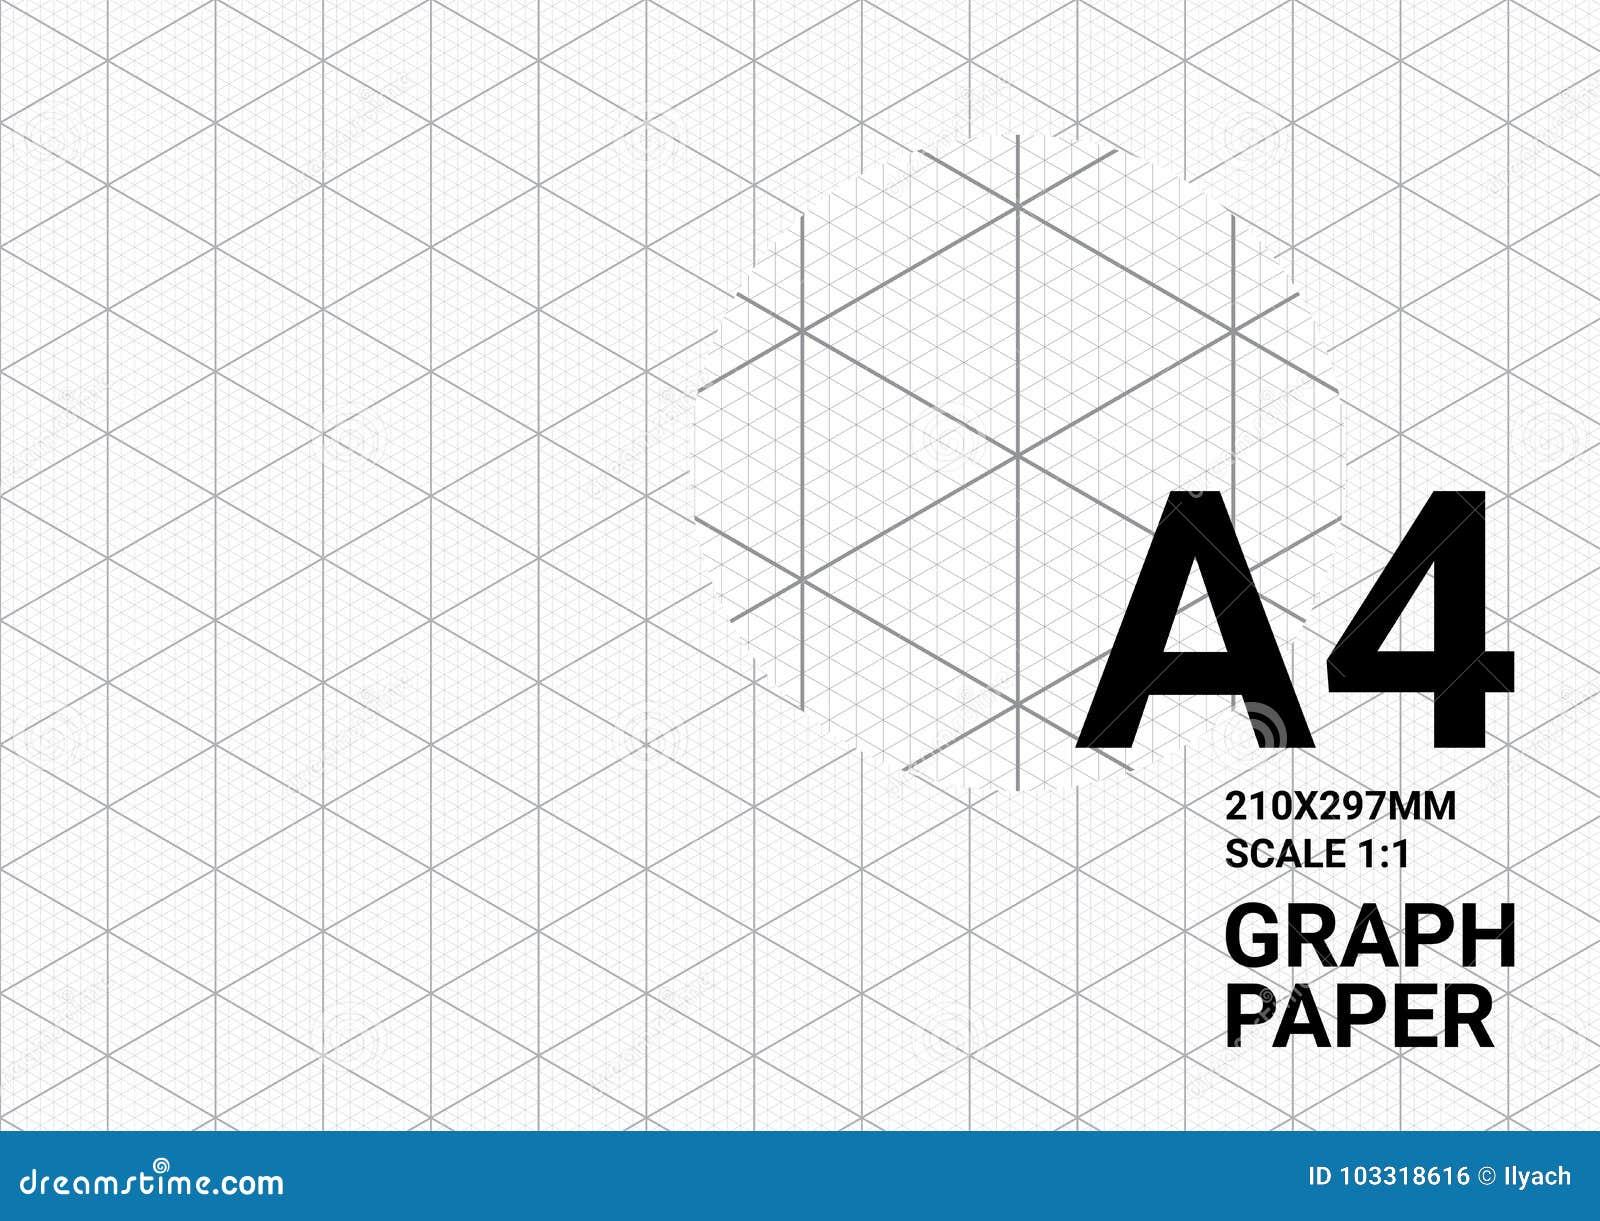 Erfreut Hexagonal Graph Paper Vorlage Zeitgenössisch - FORTSETZUNG ...